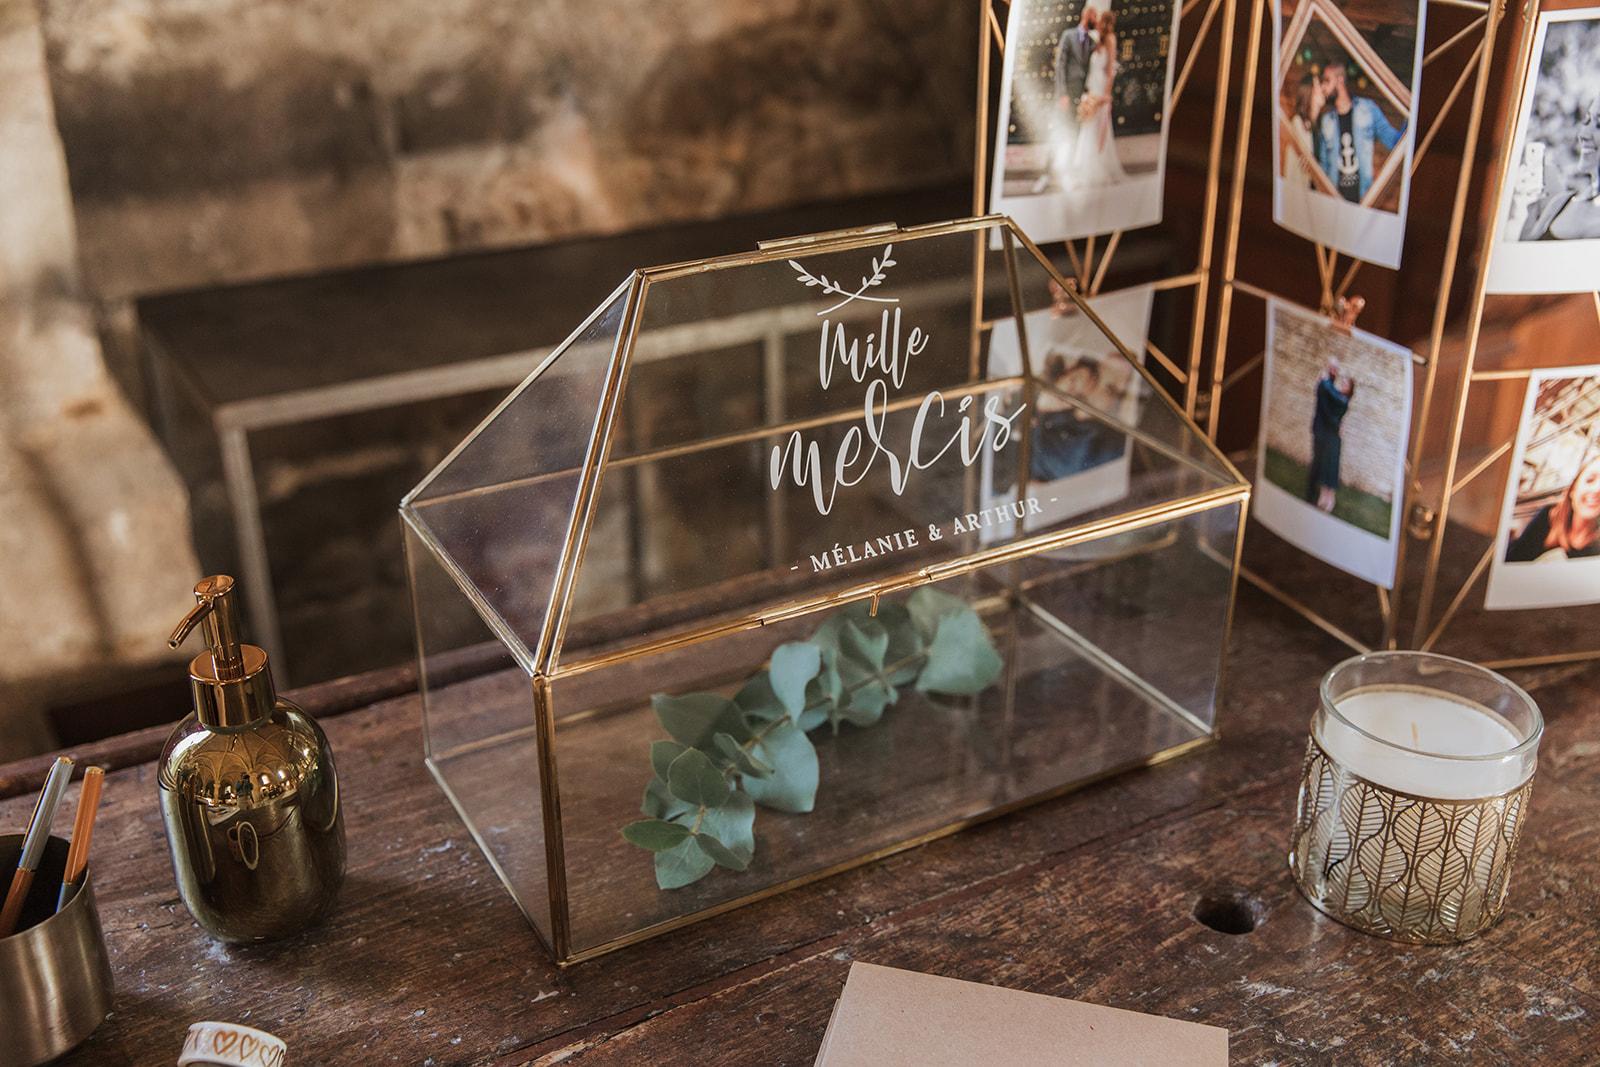 Mariage, décoratrice mariage, décoratrice paris, fleuriste mariage, fleuriste paris, abbaye des vaux de cernay, livre d'or, cérémonie laïque, floral design, mariage raffiné